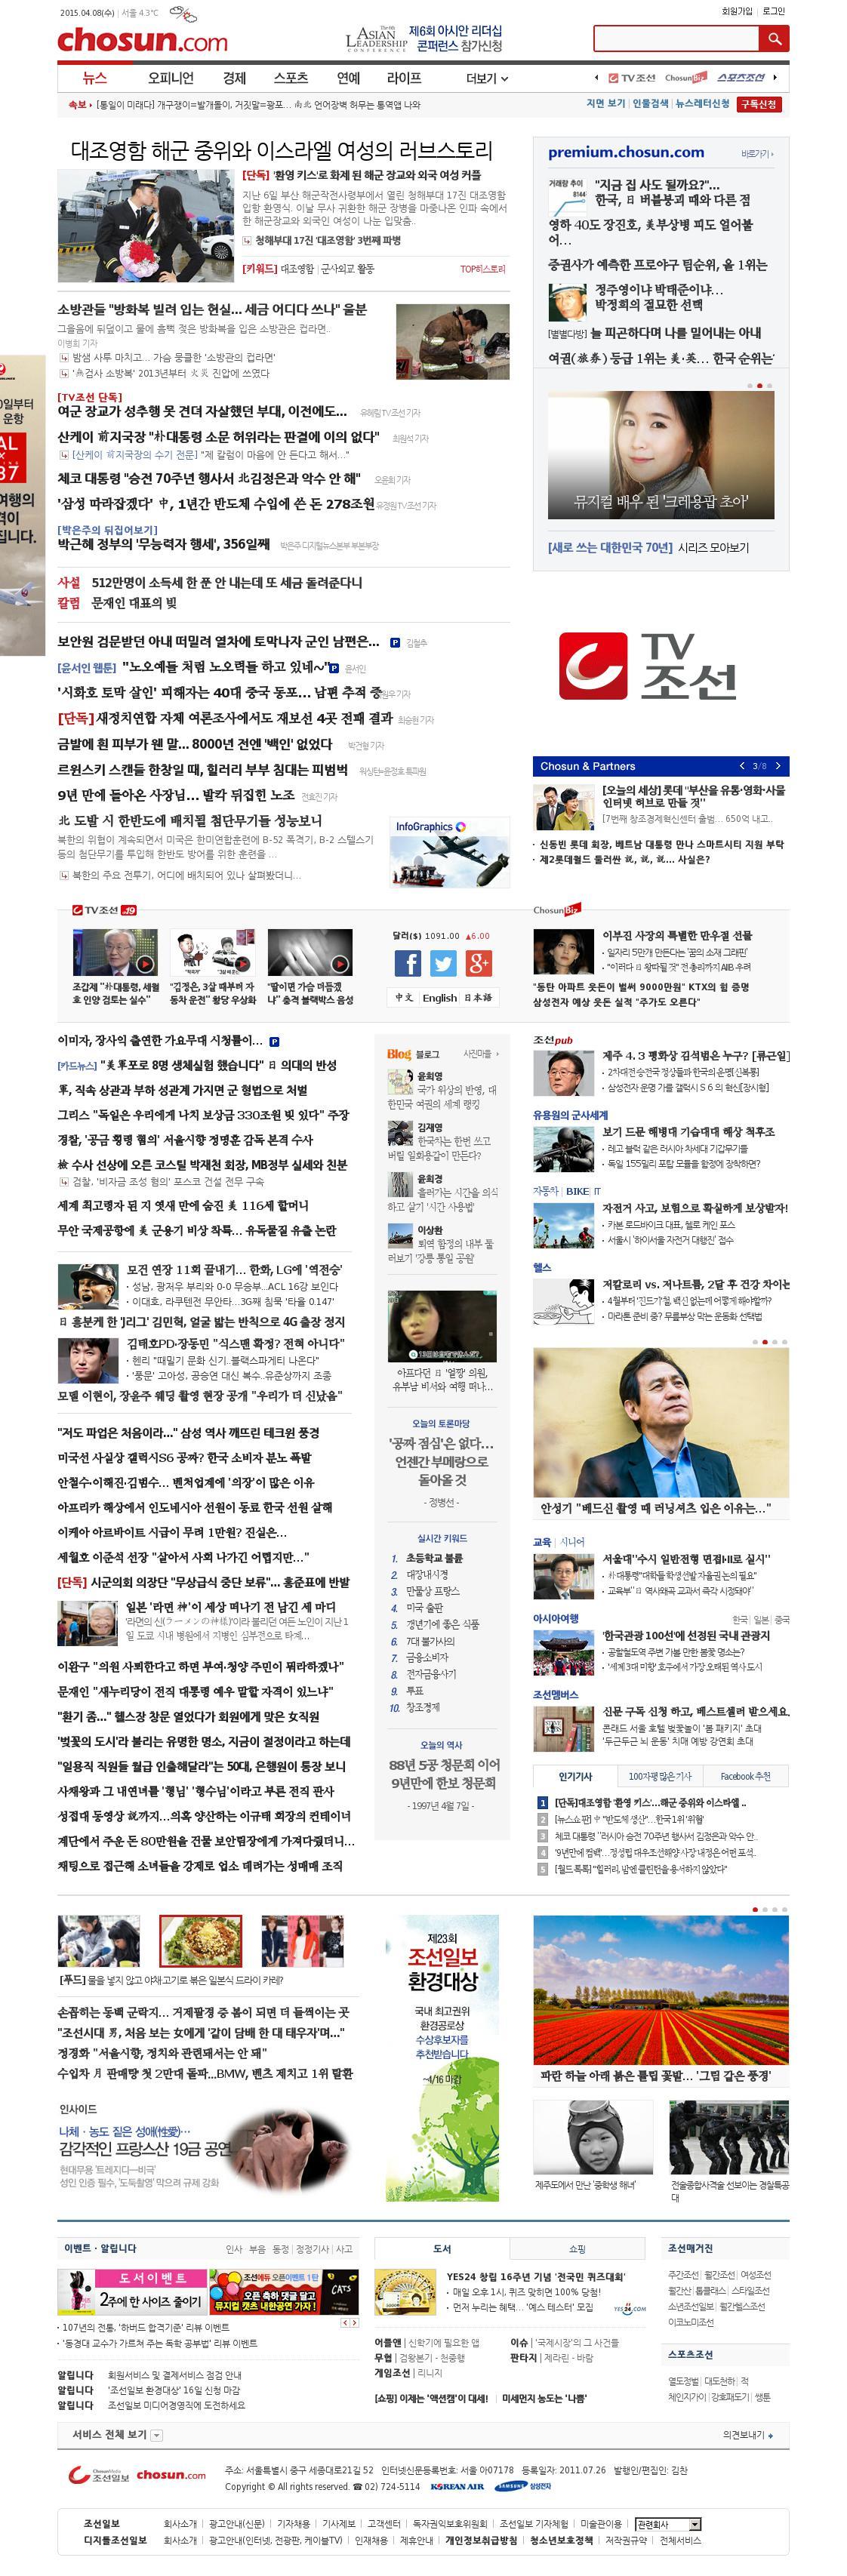 chosun.com at Tuesday April 7, 2015, 9:02 p.m. UTC